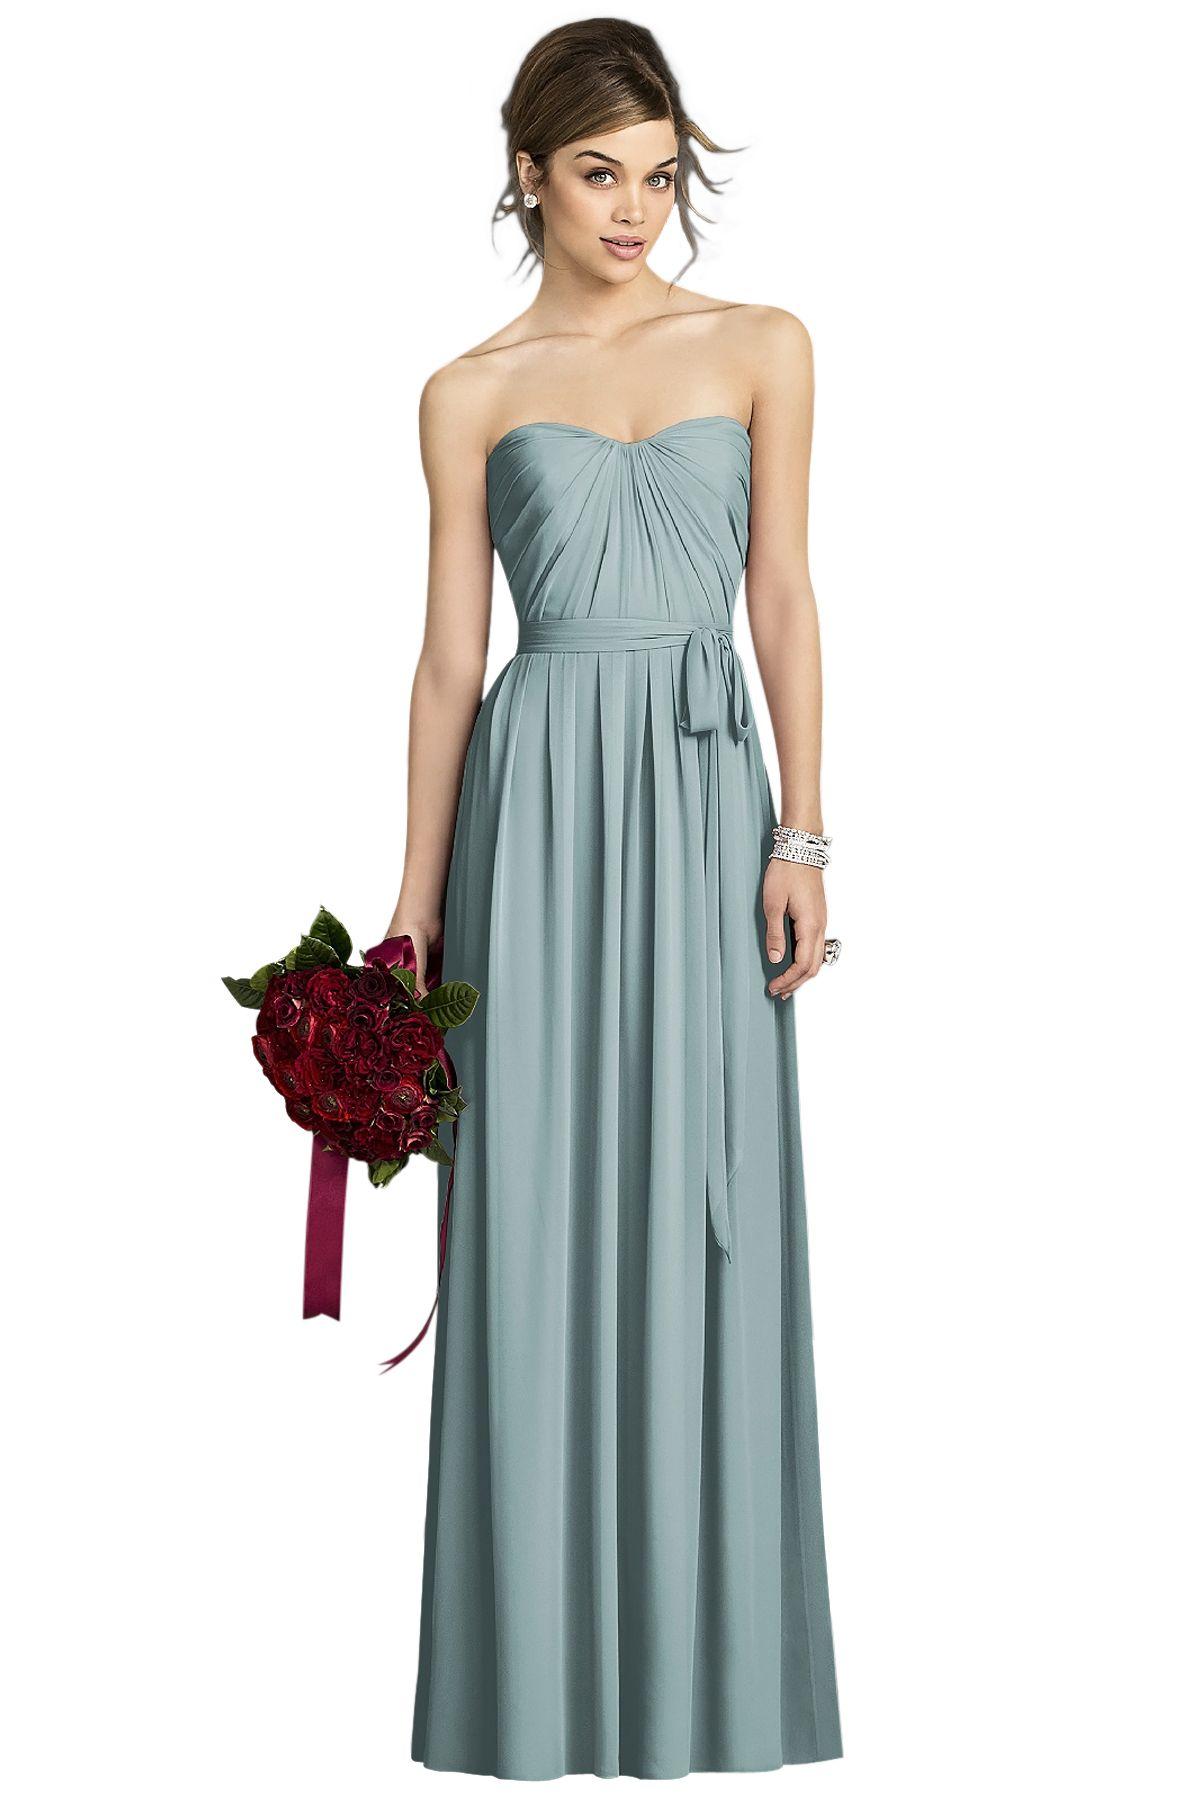 Fine After Party Dress Photos - Wedding Ideas - memiocall.com